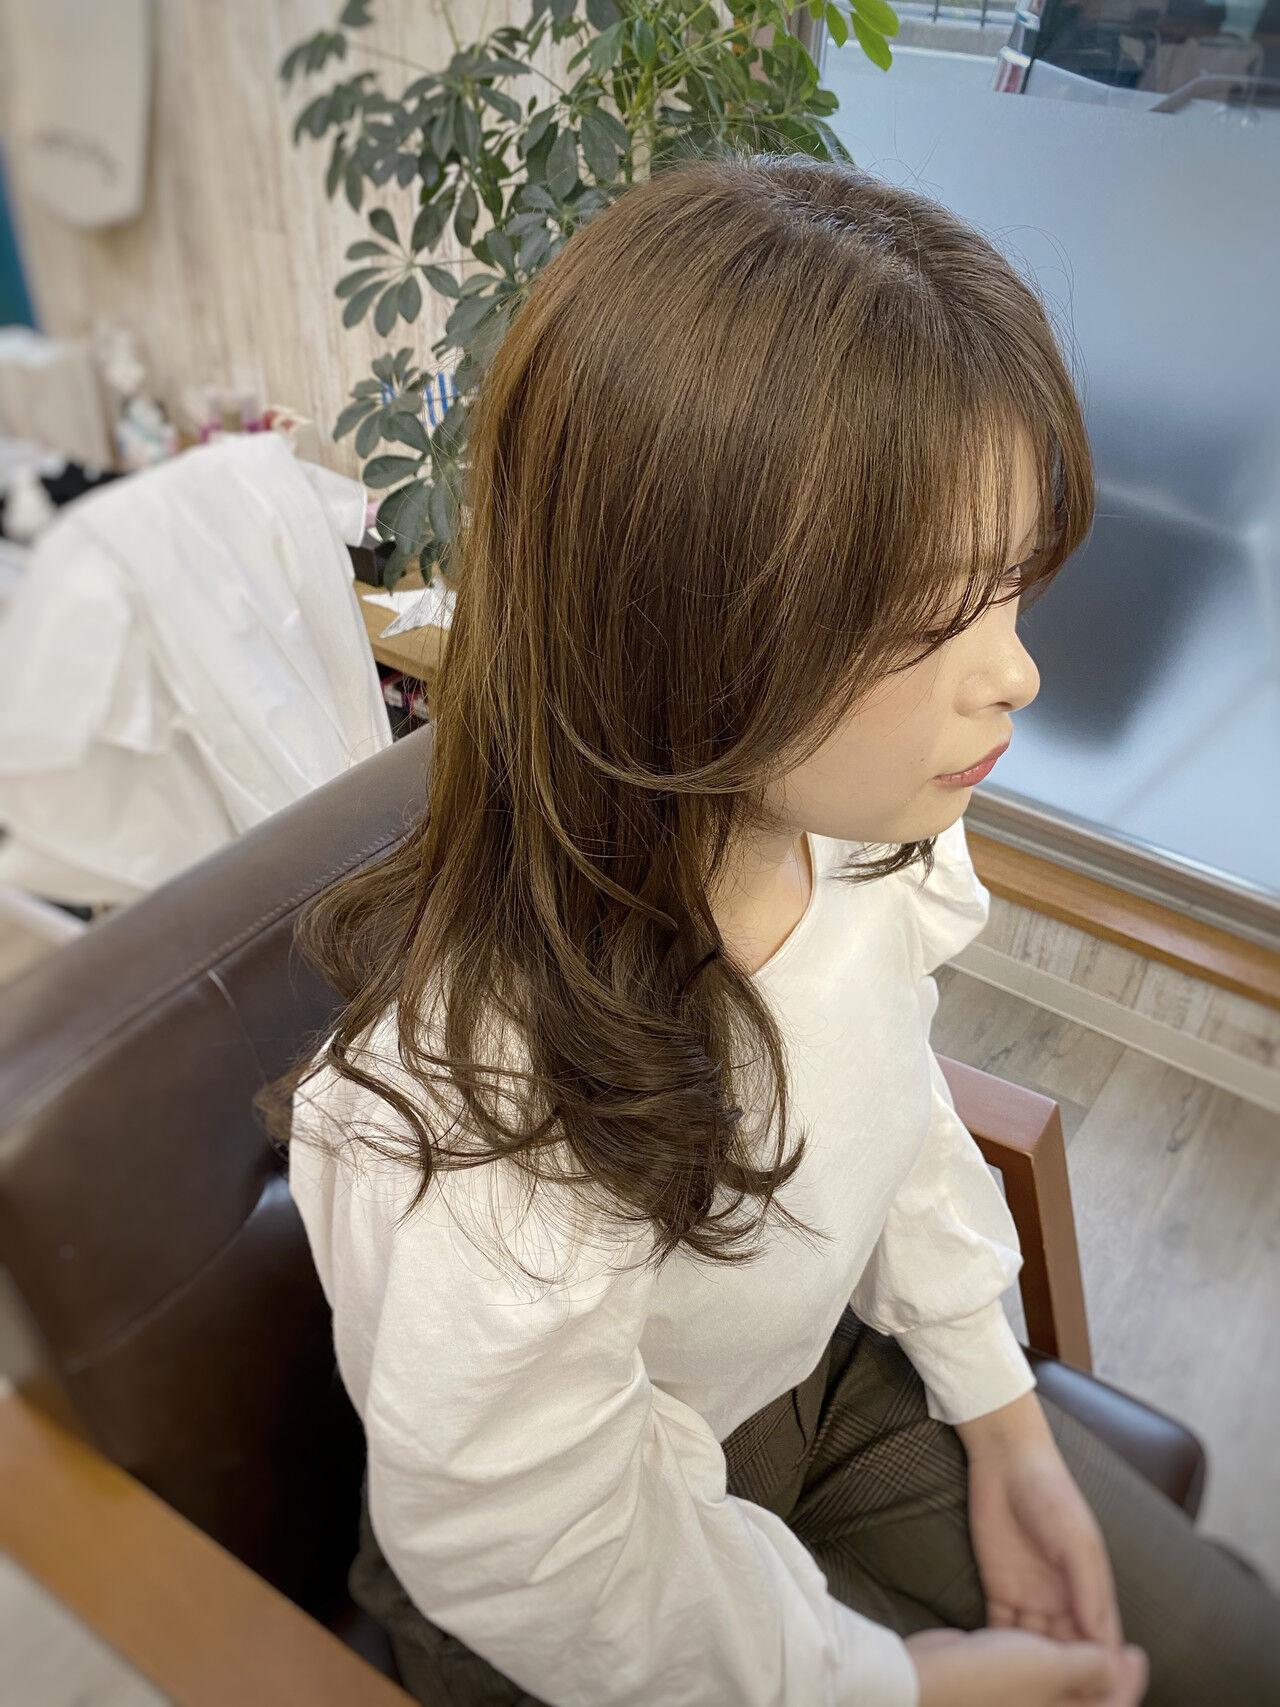 3Dハイライト ベージュ 透明感カラー ロングヘアスタイルや髪型の写真・画像